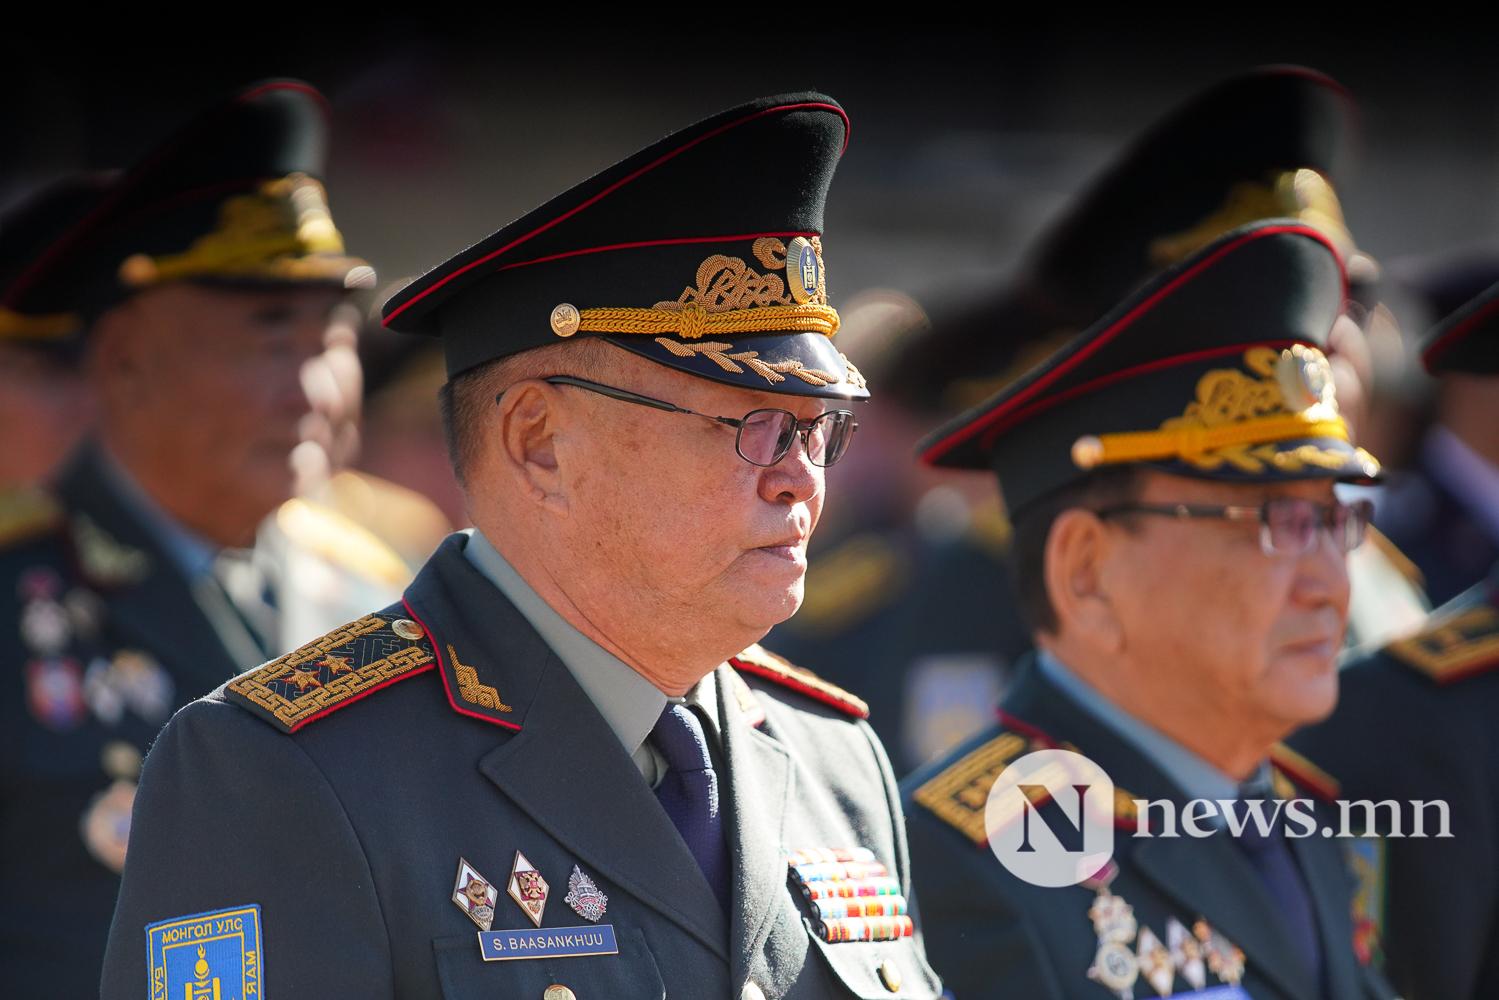 МУ-д генерал цол бий болсны 76 жилийн ойд (3 of 47)